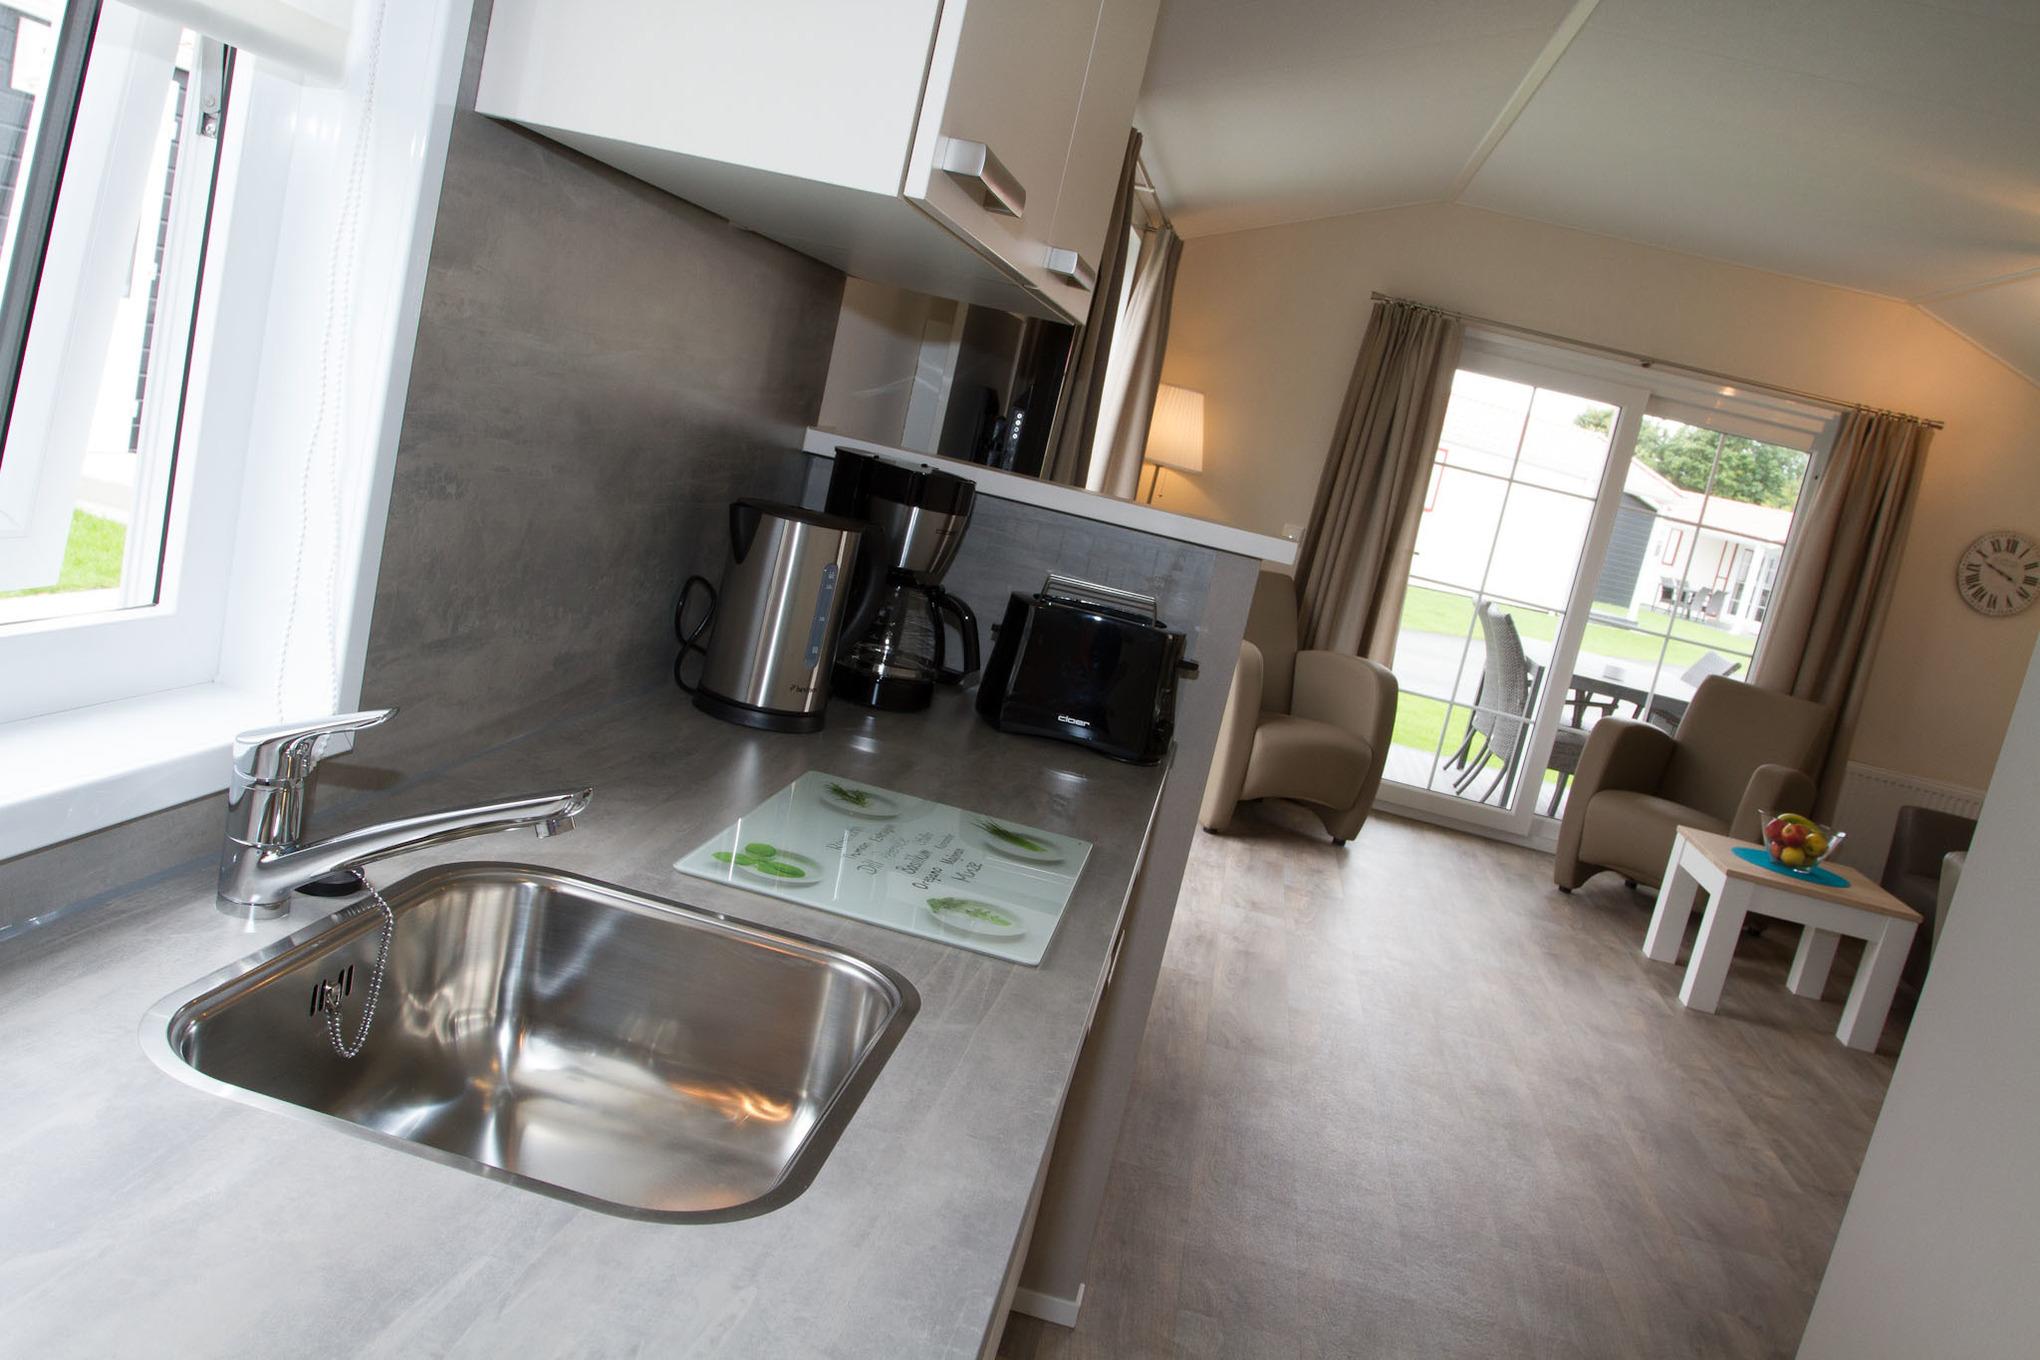 Chalet bis 5 Personen rollstuhlgerecht für Hu Ferienhaus in Ostfriesland